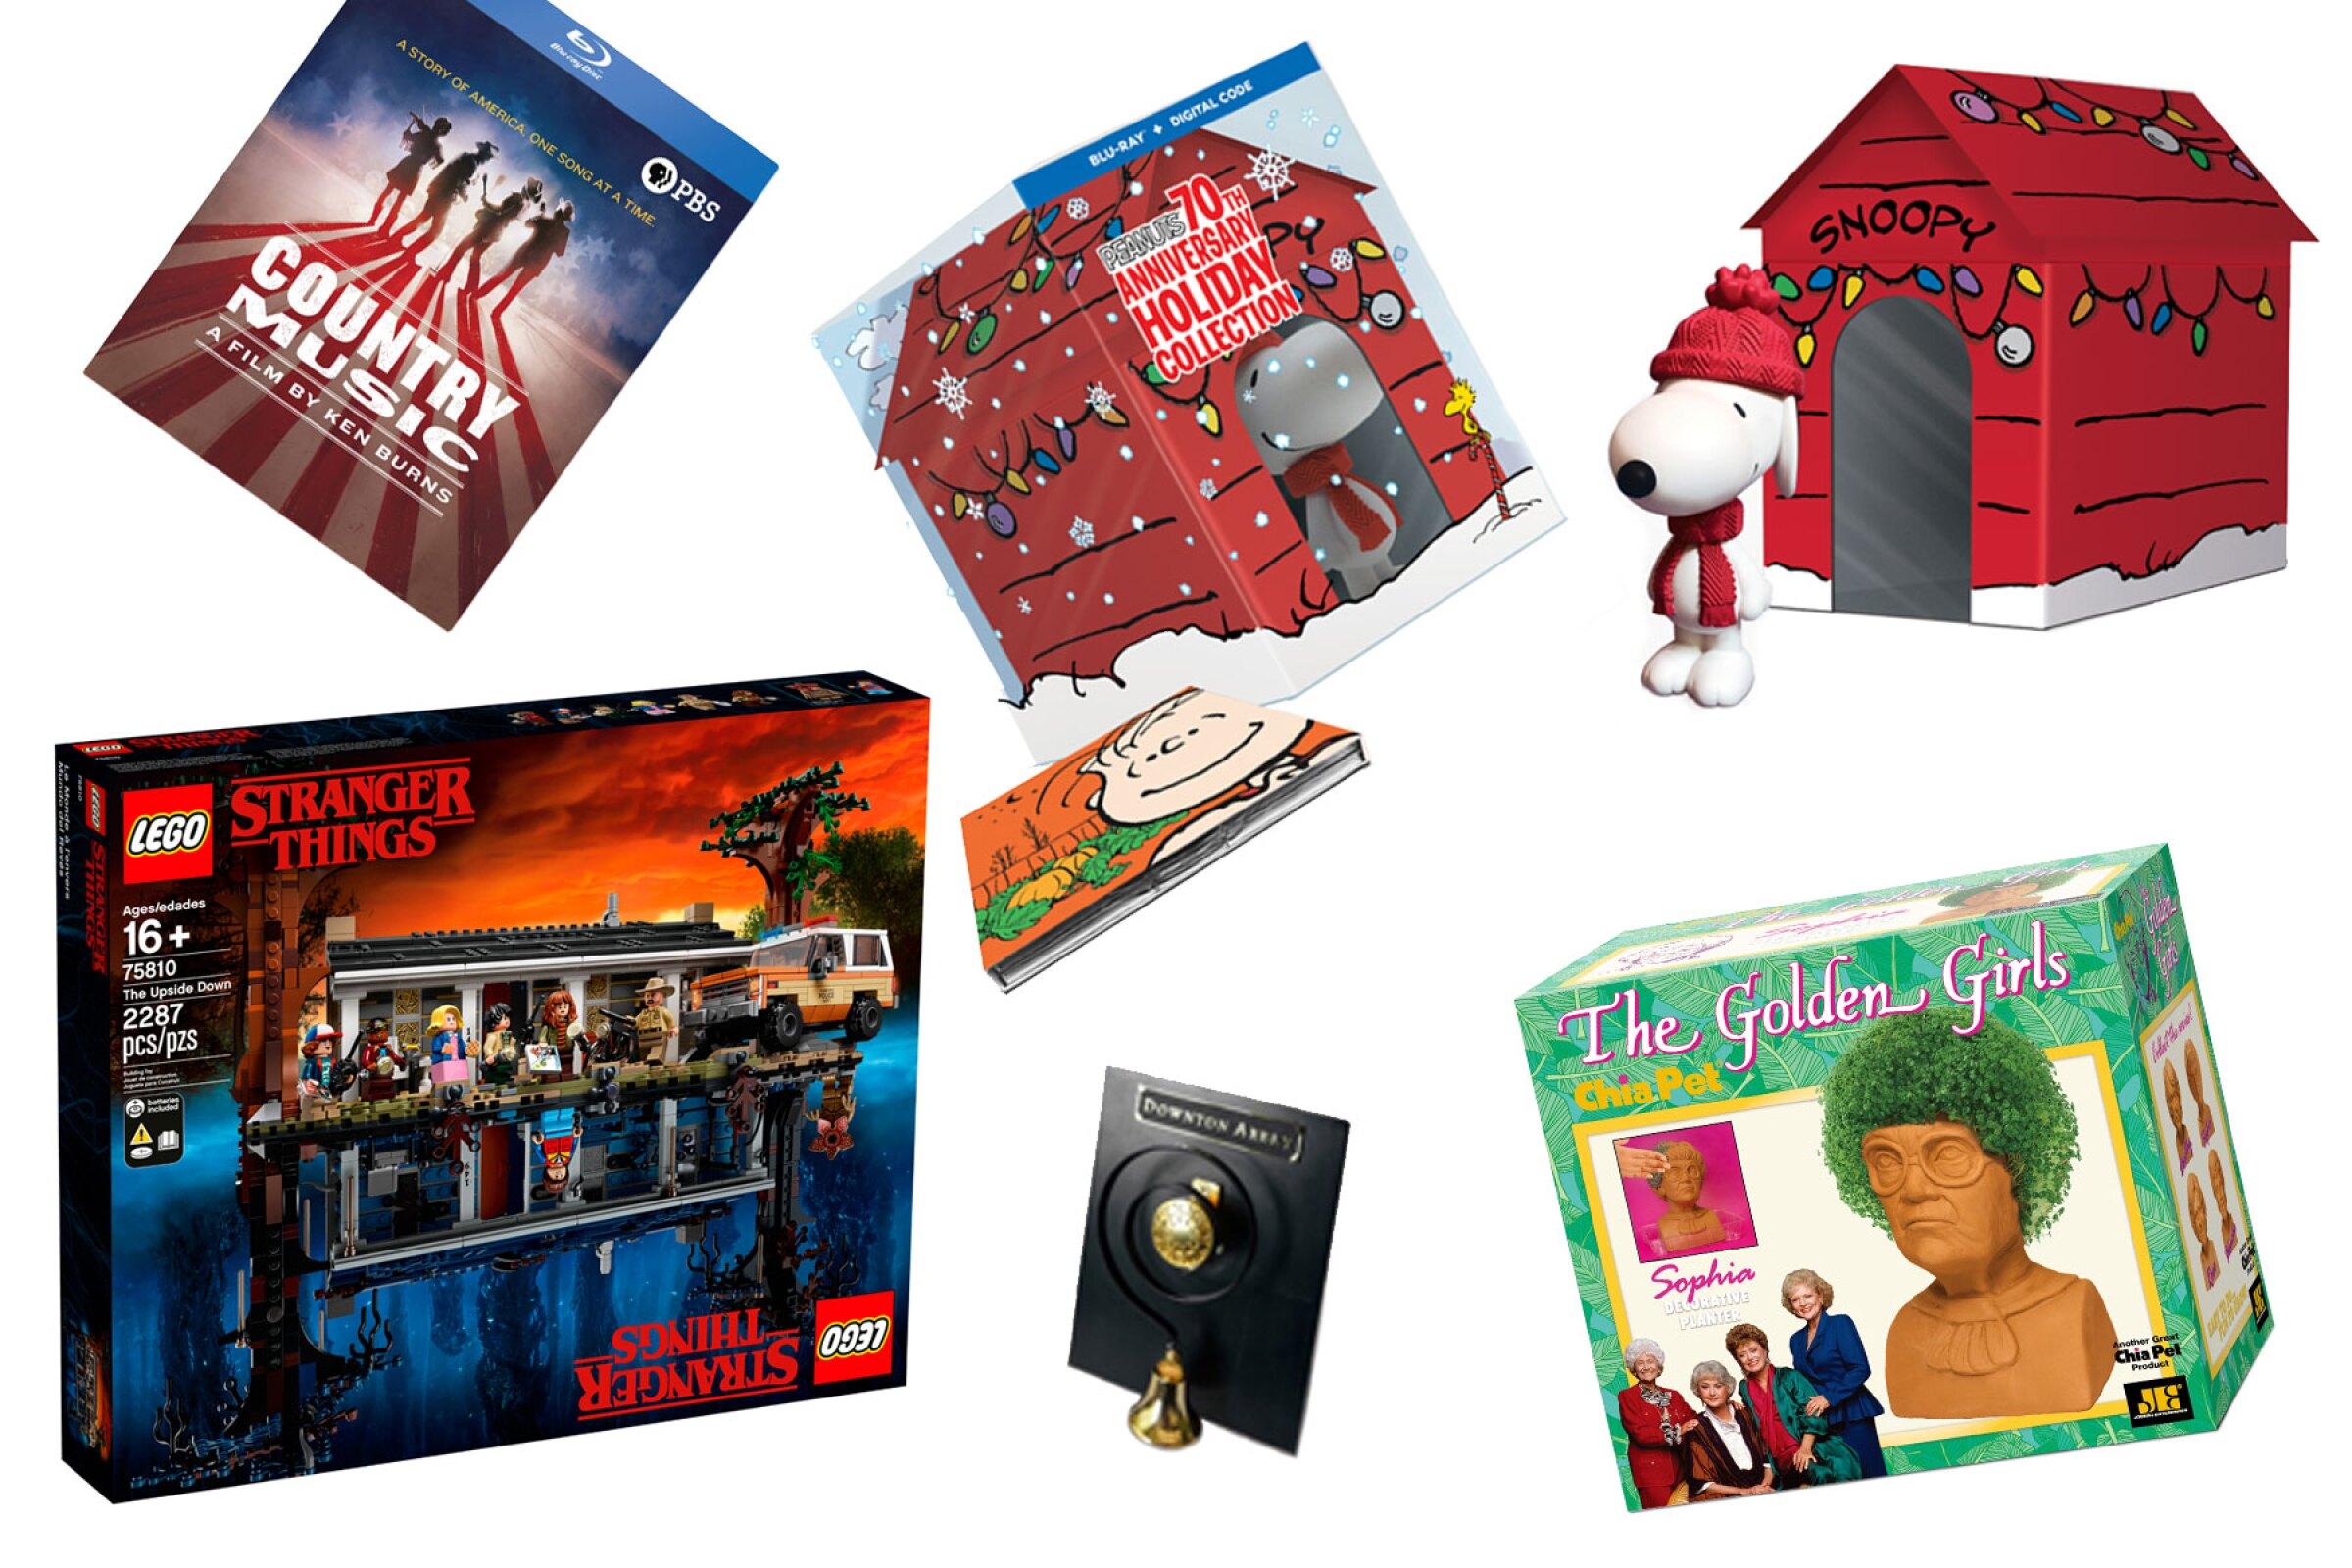 TV gift guide